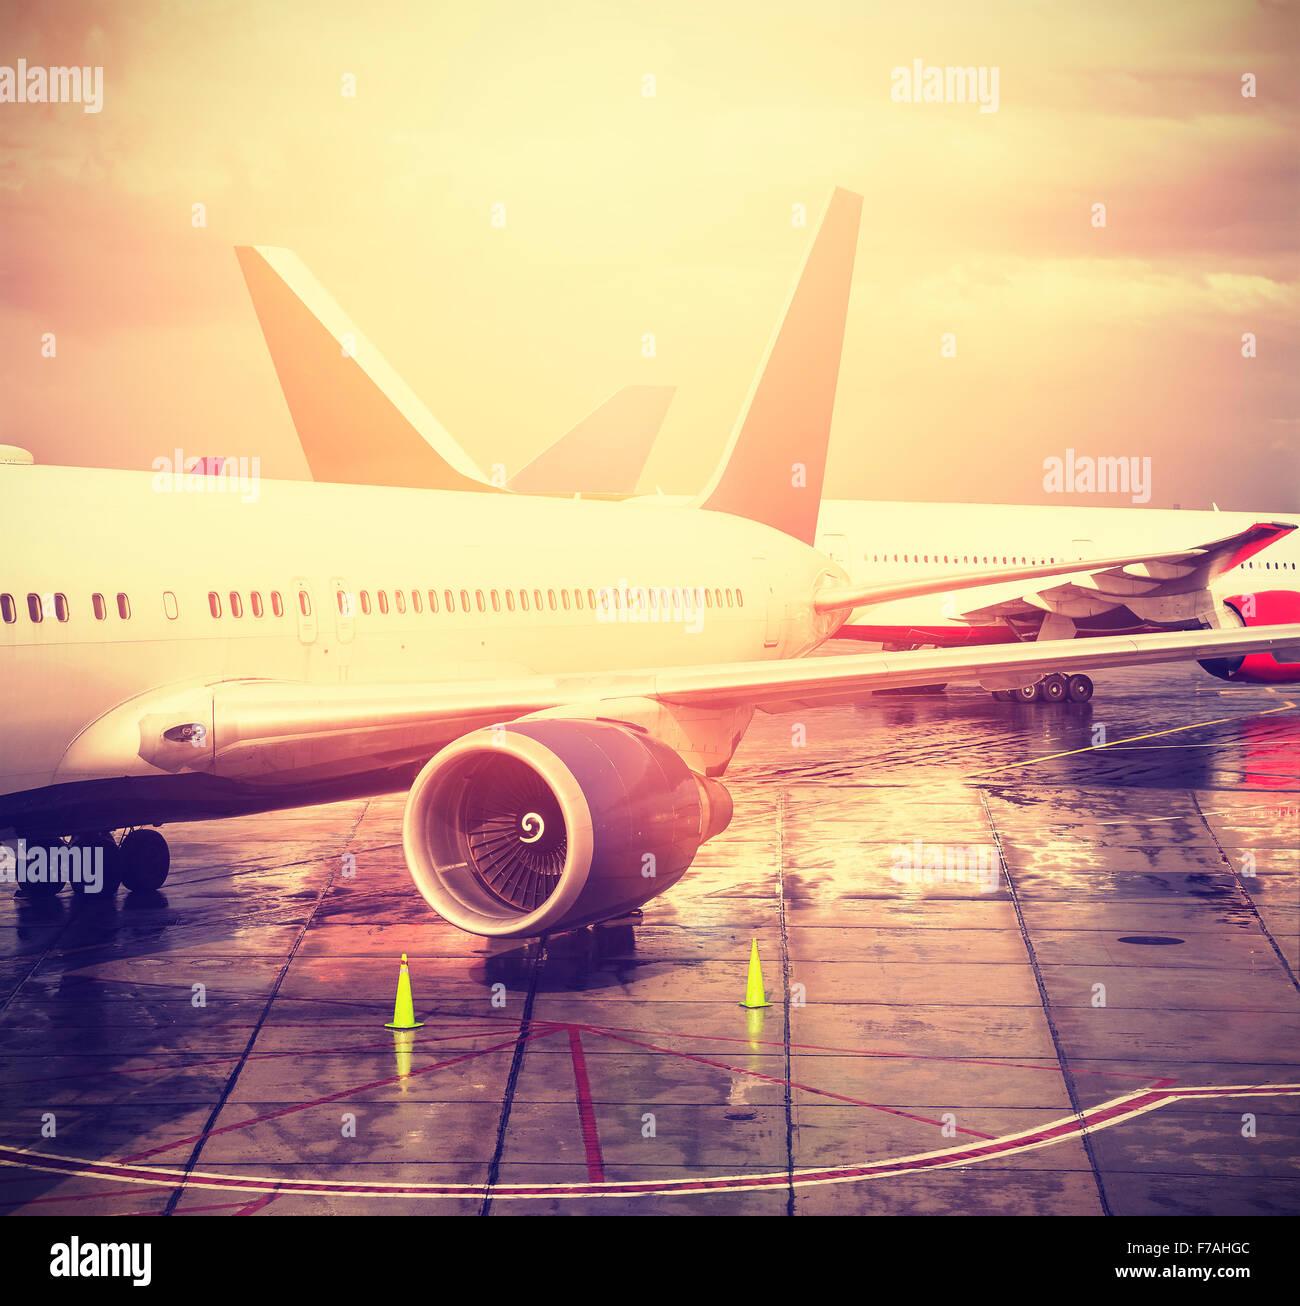 Vintage imagen filtrada de un aeropuerto, transporte y viajes concepto. Imagen De Stock